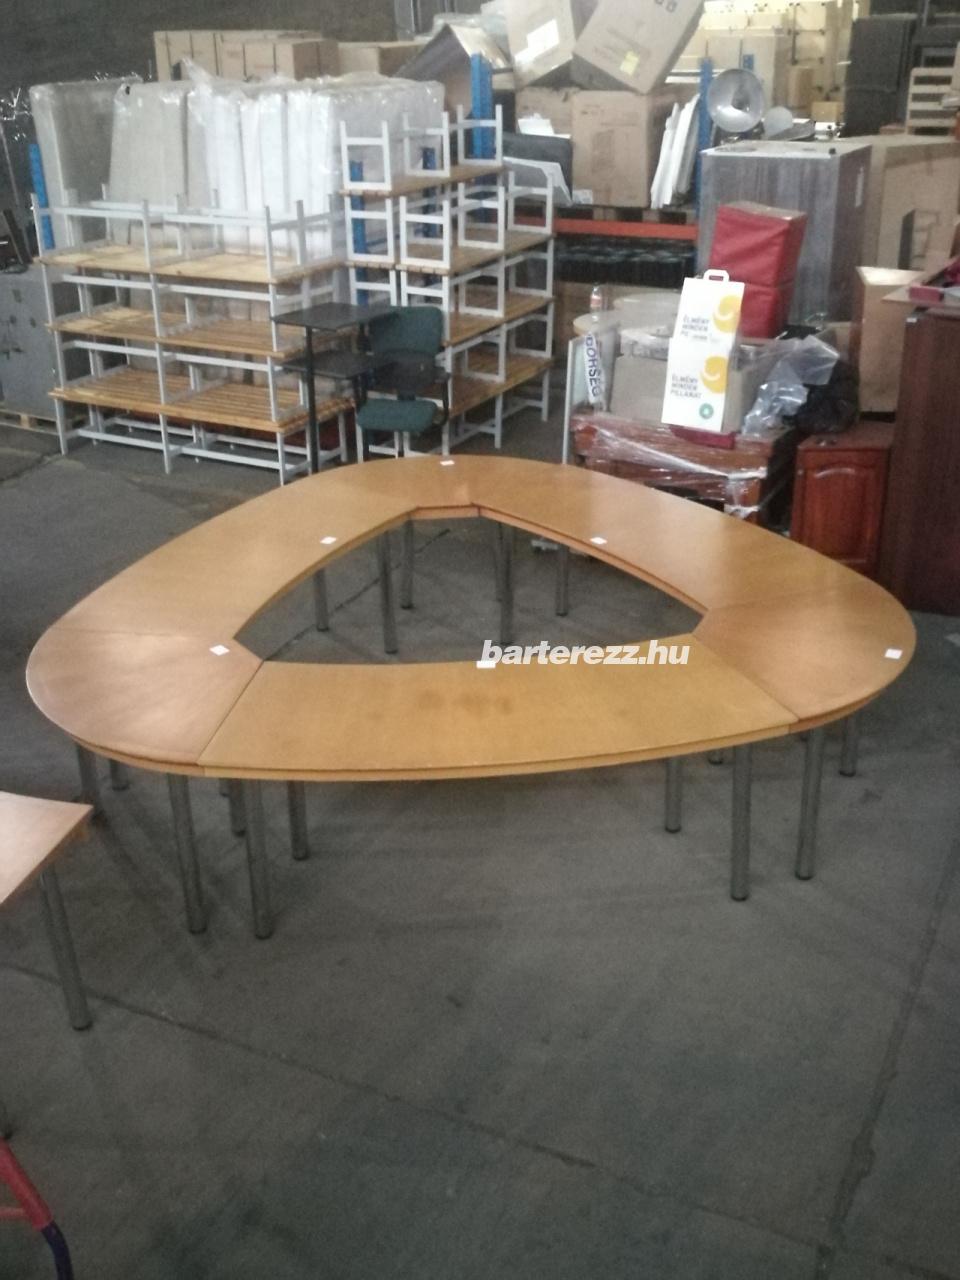 Háromszög alakú tárgyalóasztal, használt irodabútor